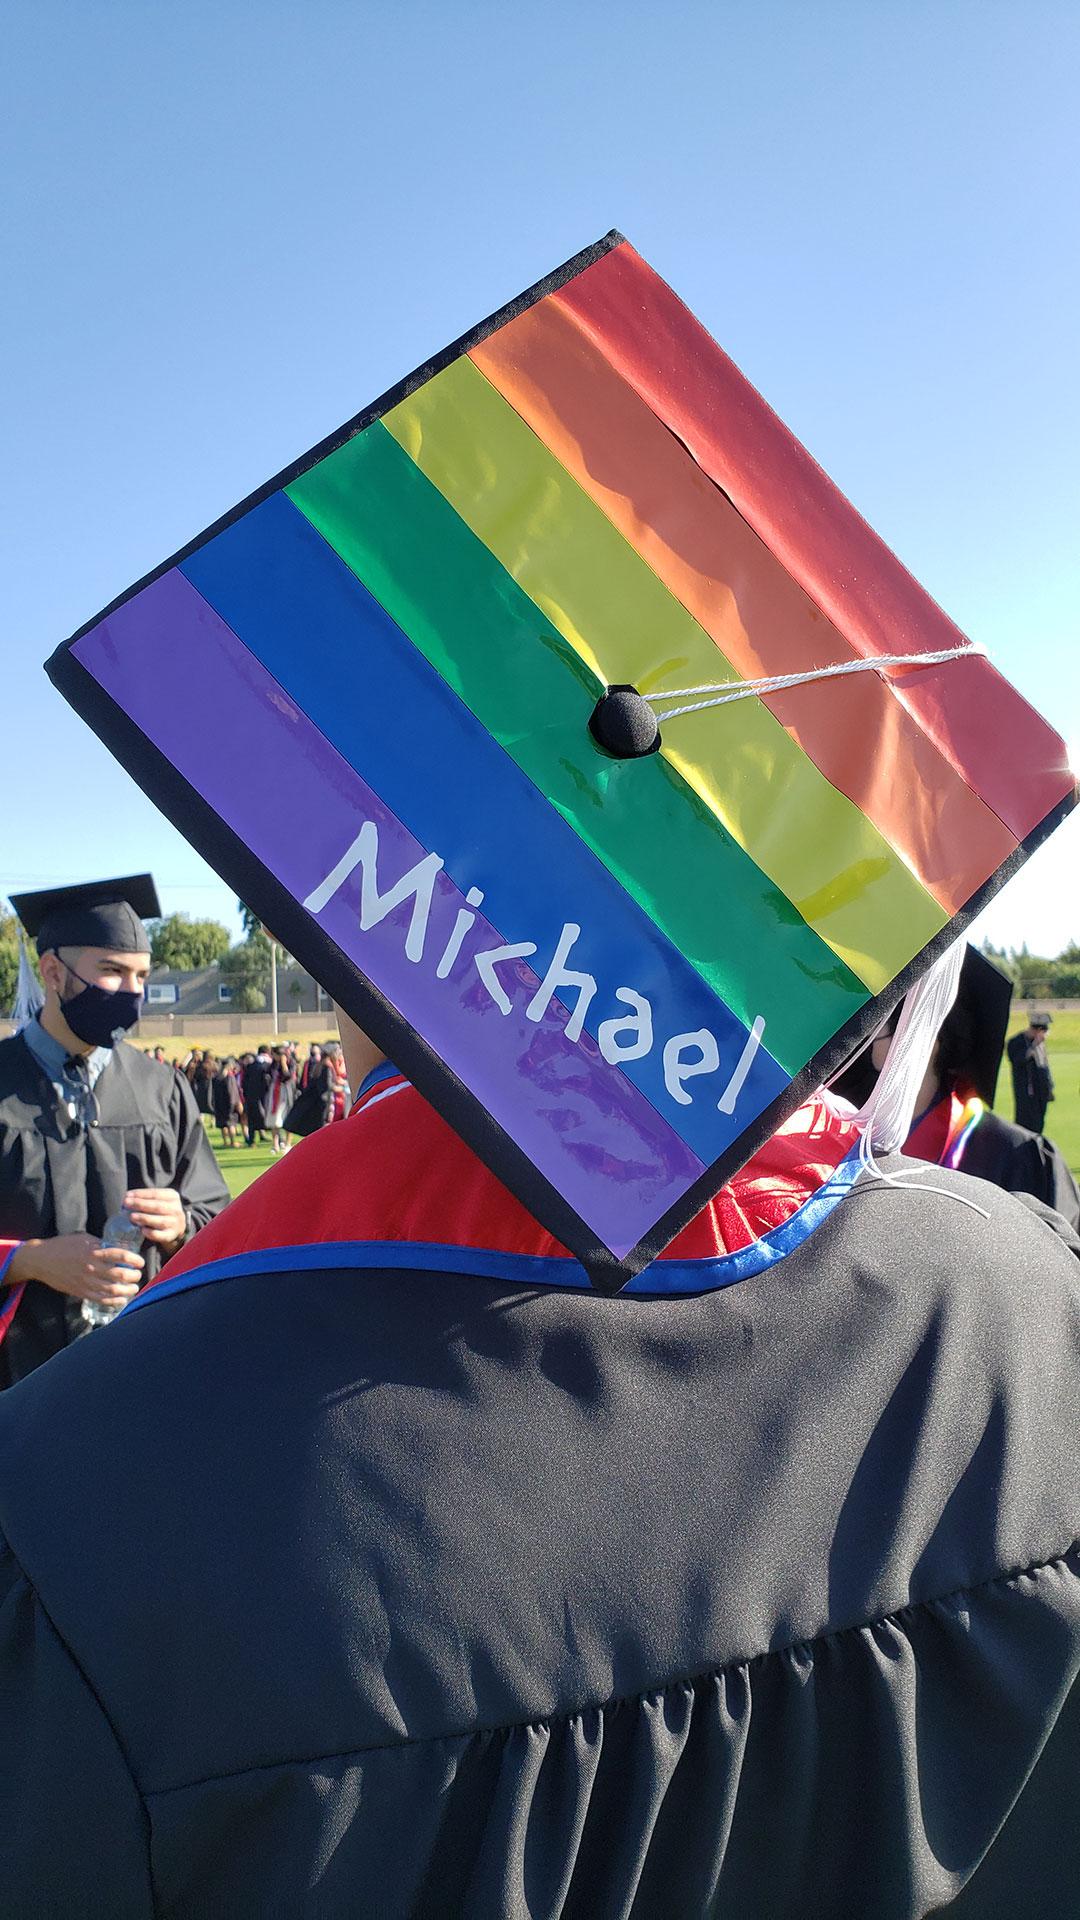 Michael's rainbow decorated grad cap.